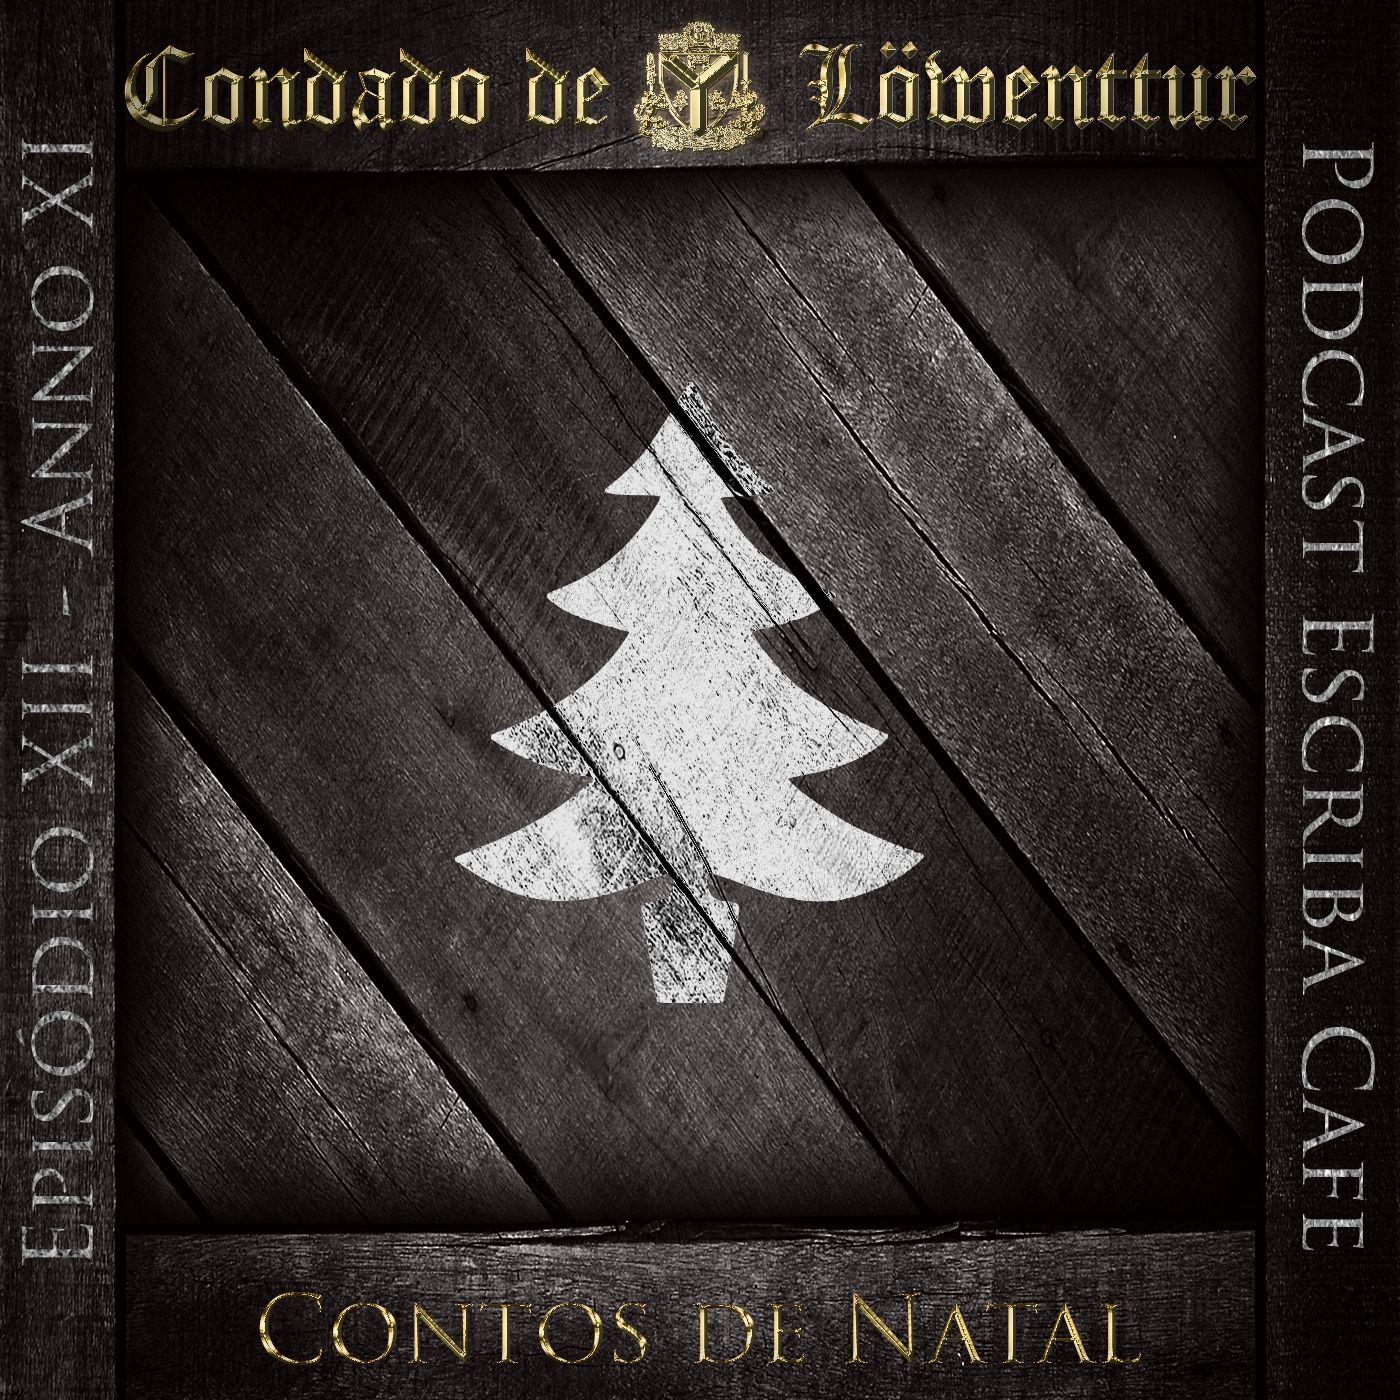 Contos de Natal